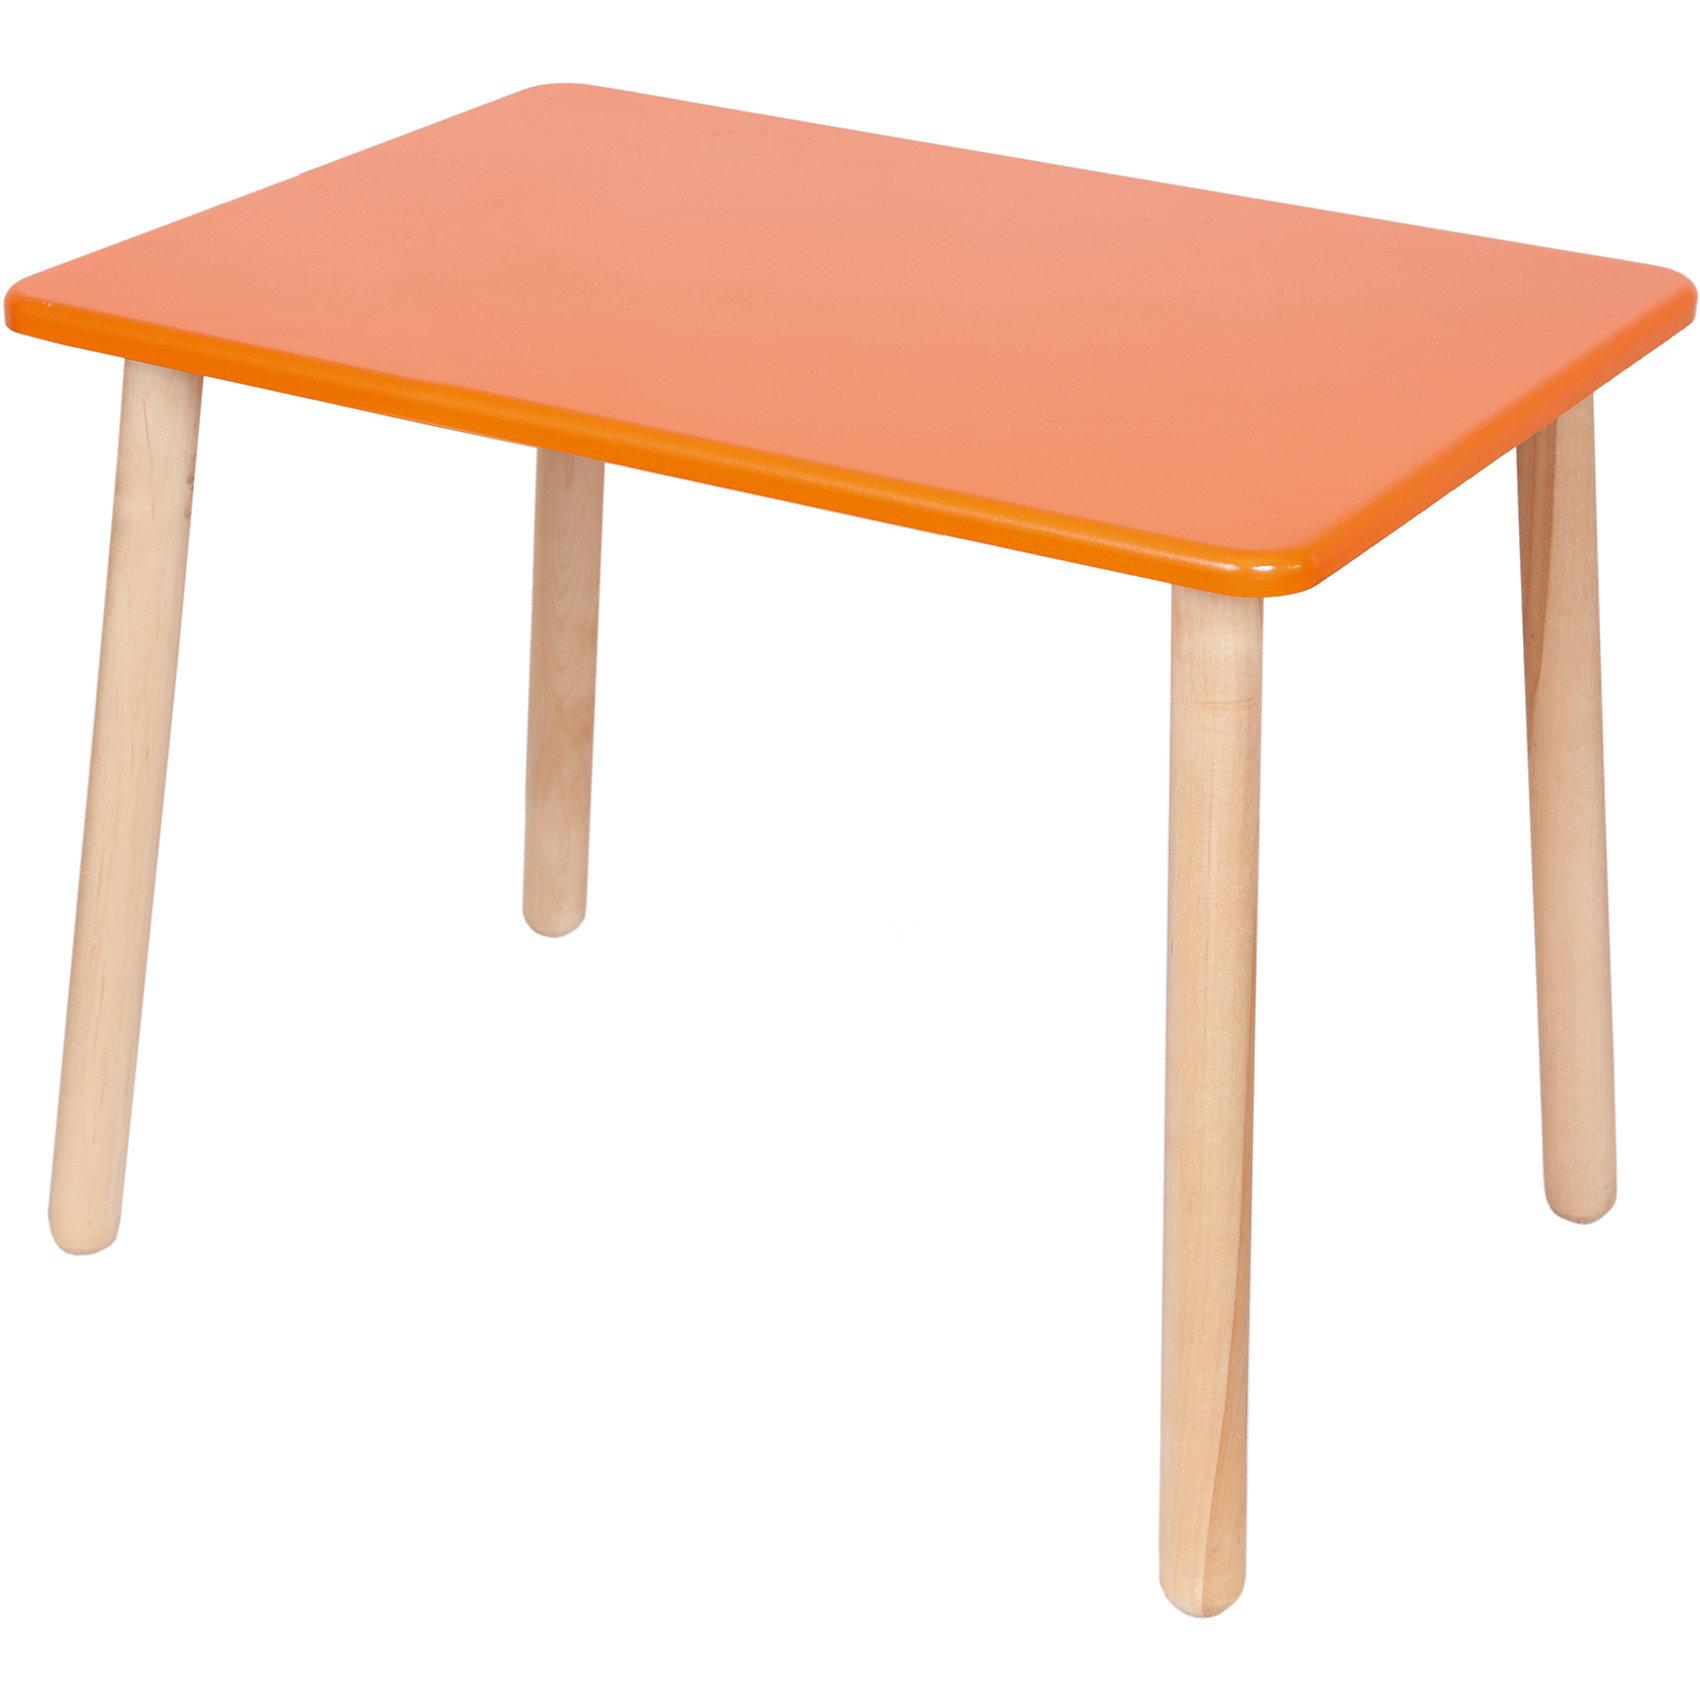 Оранжевый столСтол от из известного производителя детской мебели, Русэкомебель - это сочетание практичности, удобства и красоты. Стол прямоугольной формы прекрасно подойдет для игр и занятий творчеством. Гладкая поверхность столешницы позволяет легко устранять любые загрязнения. Яркая расцветка обязательно понравится ребенку и прекрасно впишется в интерьер детской.<br>Стол выполнен из дерева, раскрашен безопасными для детей экологичными красителями. <br><br>Дополнительная информация:<br><br>- Материал: дерево (береза).<br>- Не имеет острых углов. <br>- Размер столешницы: 70х50 см.<br>- Высота стола: 52 см. <br><br>Cтол детский, оранжевый, можно купить в нашем магазине.<br><br>Ширина мм: 730<br>Глубина мм: 530<br>Высота мм: 50<br>Вес г: 6000<br>Возраст от месяцев: 24<br>Возраст до месяцев: 84<br>Пол: Унисекс<br>Возраст: Детский<br>SKU: 4756483